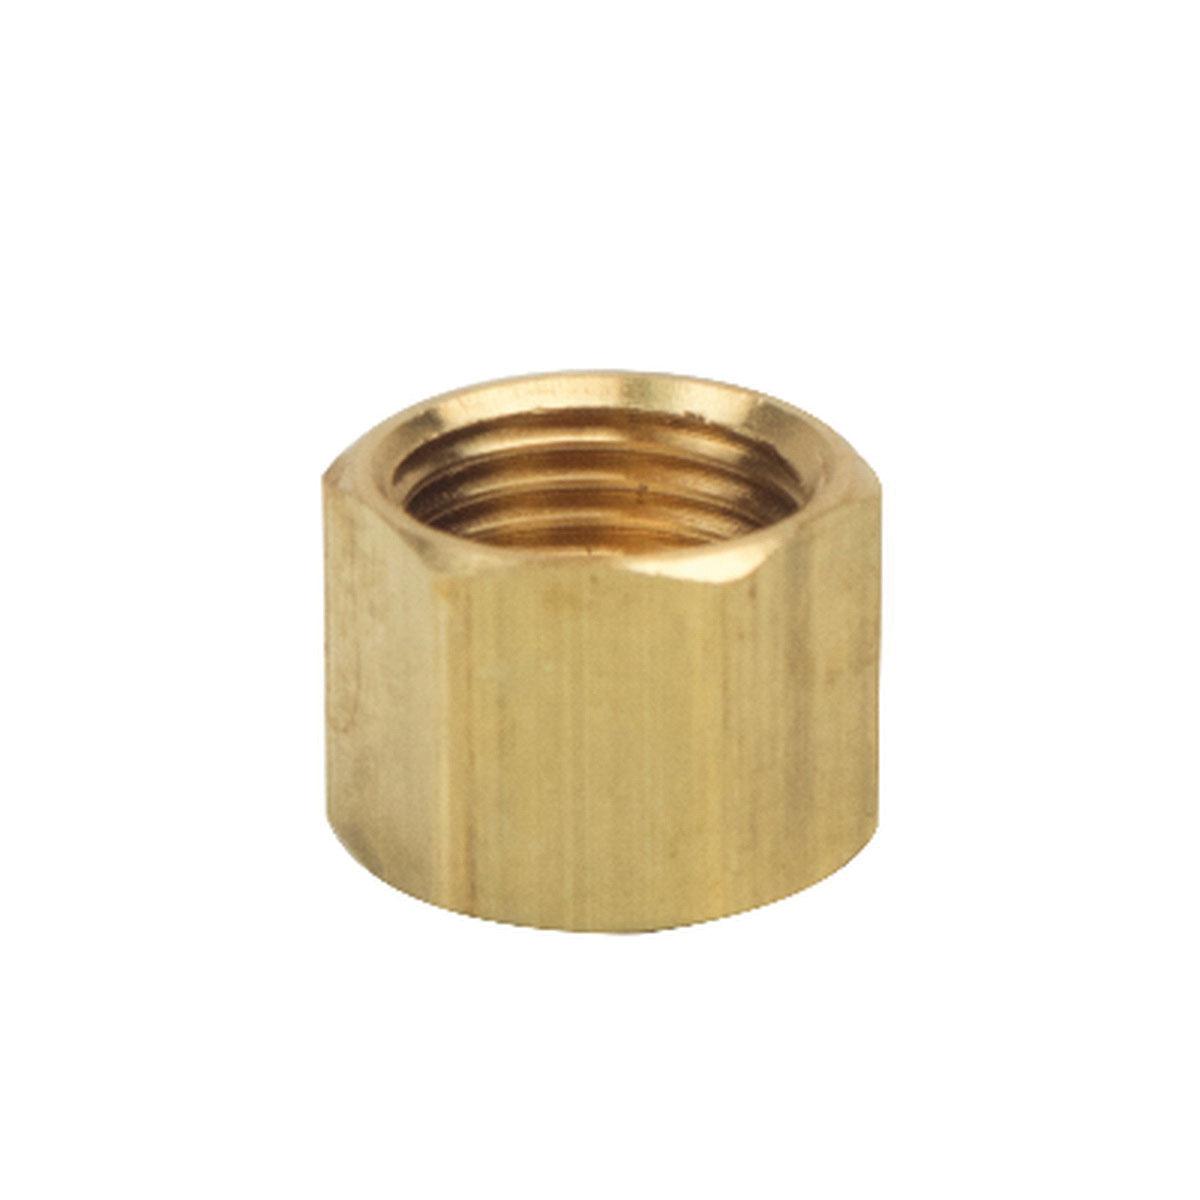 BrassCraft® 61-6 Rough Brass Compression Nut, 3/8 in, Tube